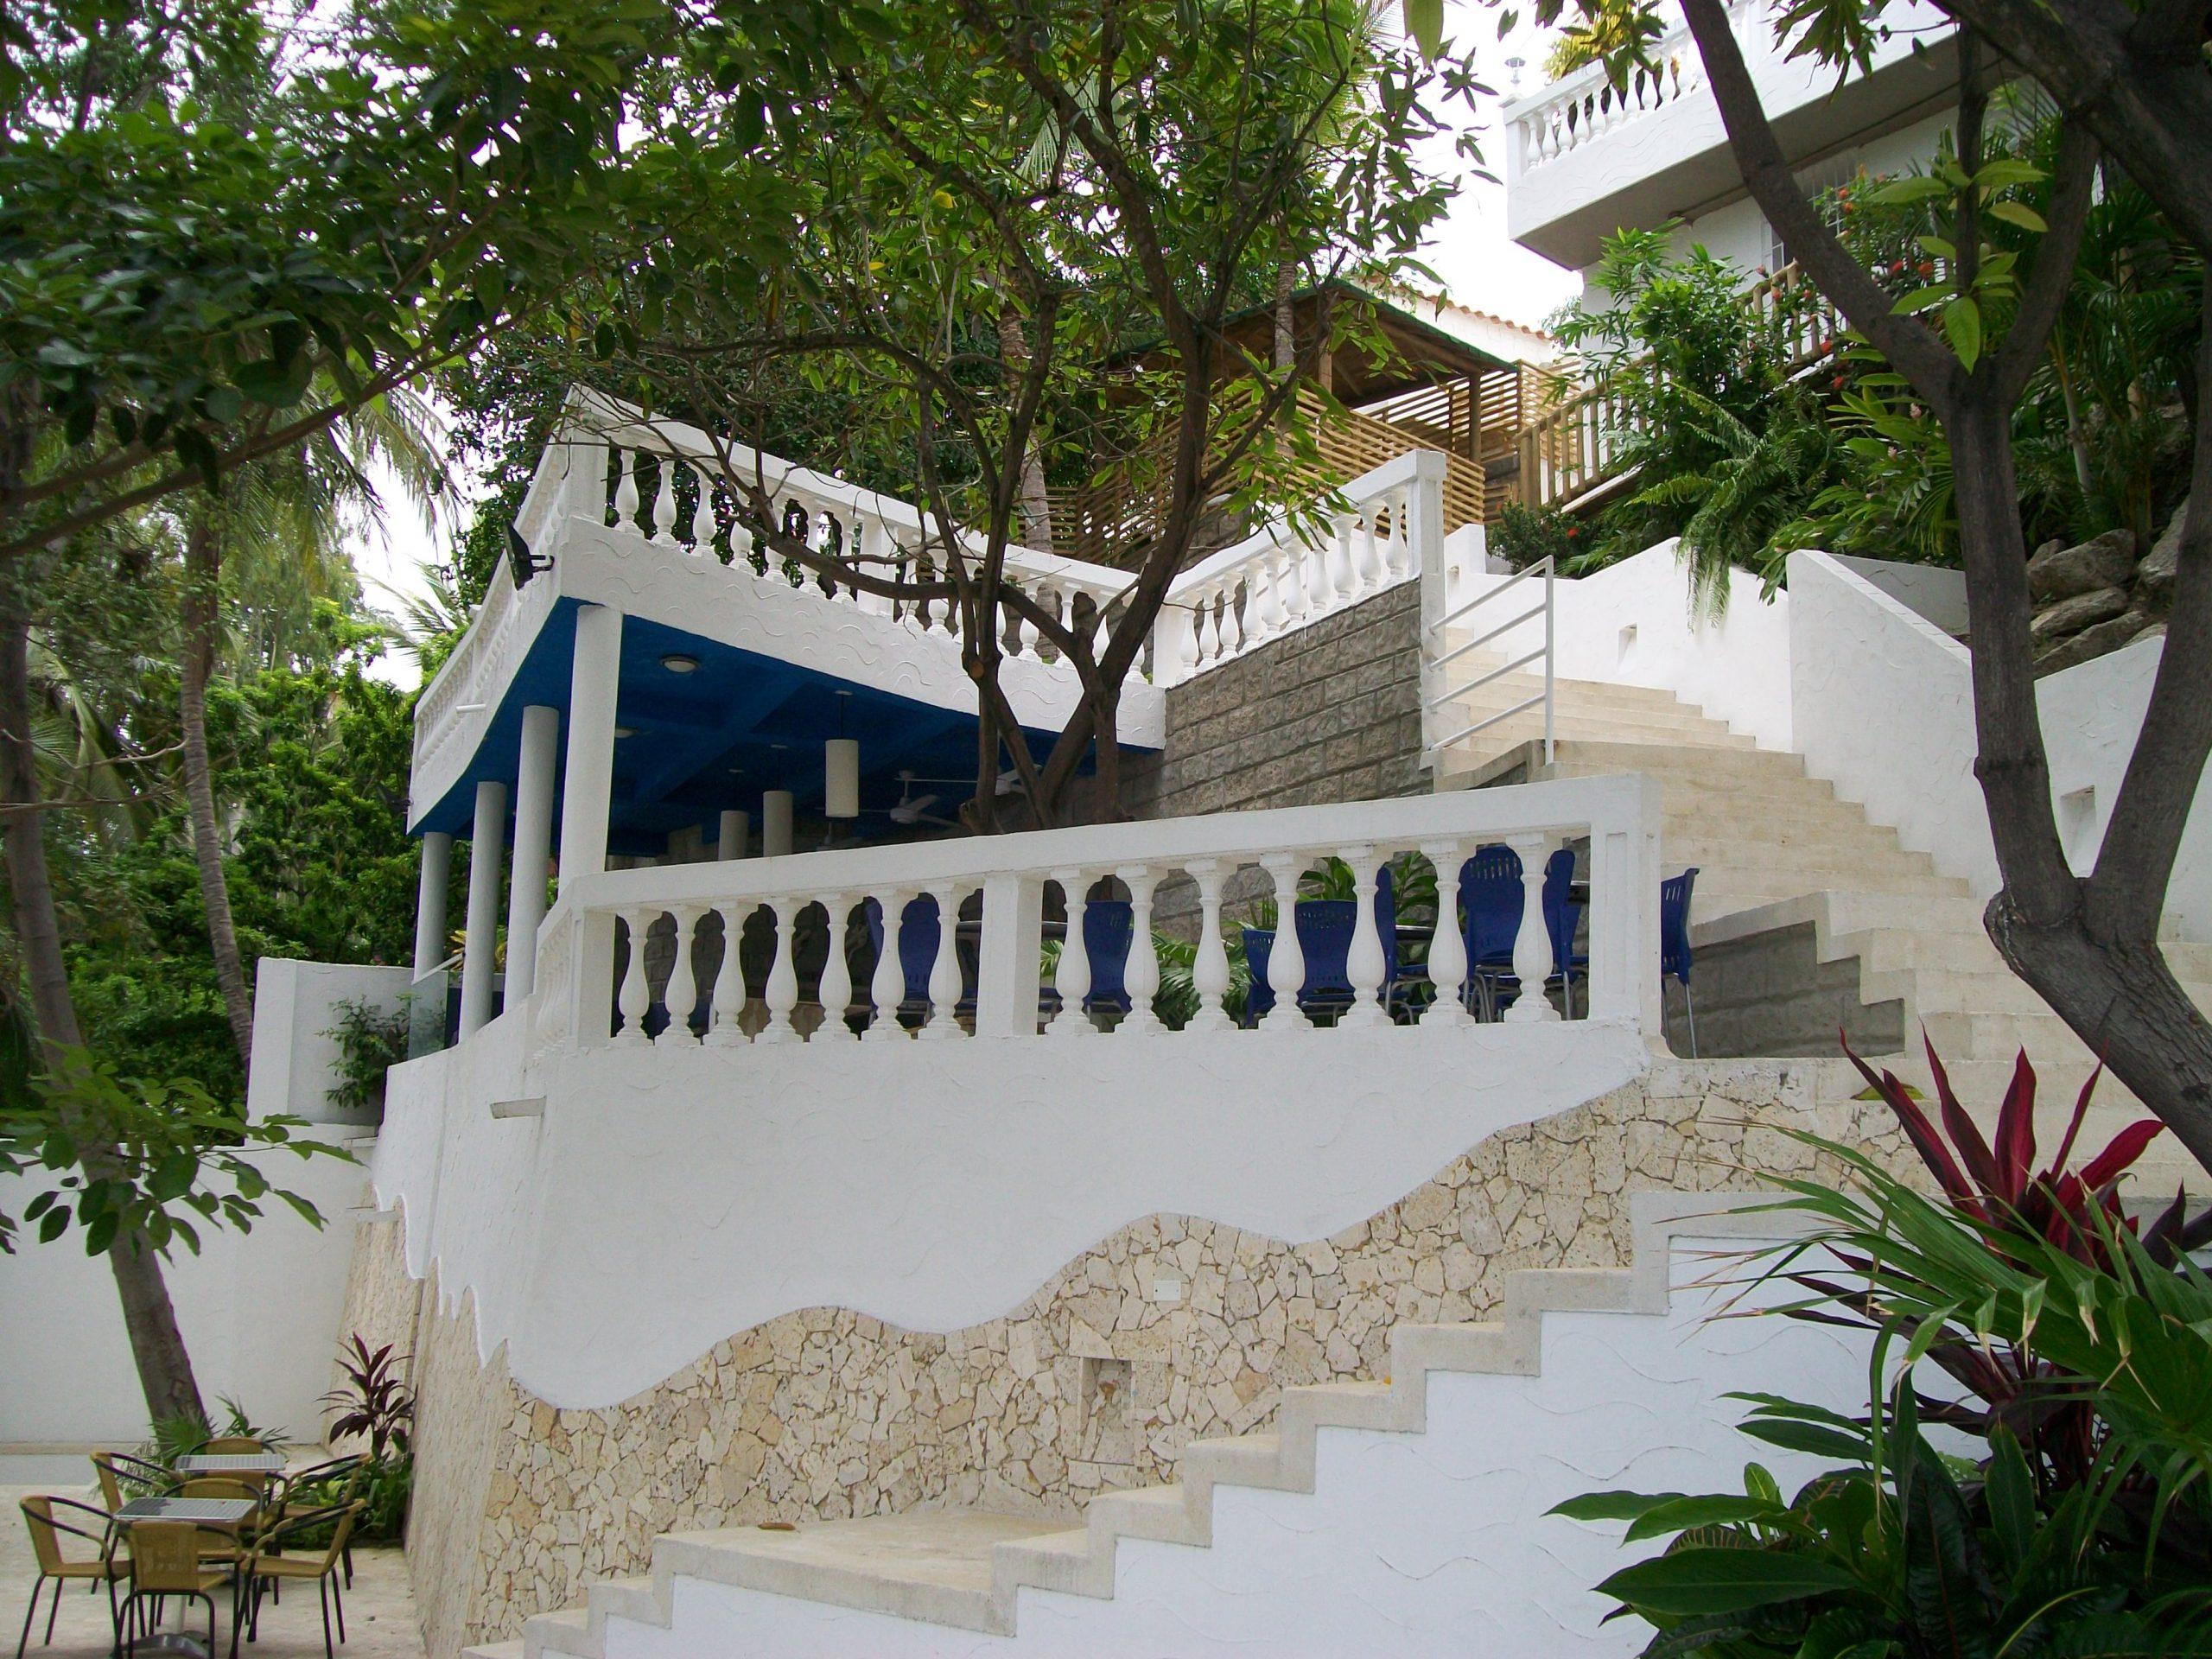 Escaleras a Club de playa Villas del Mar